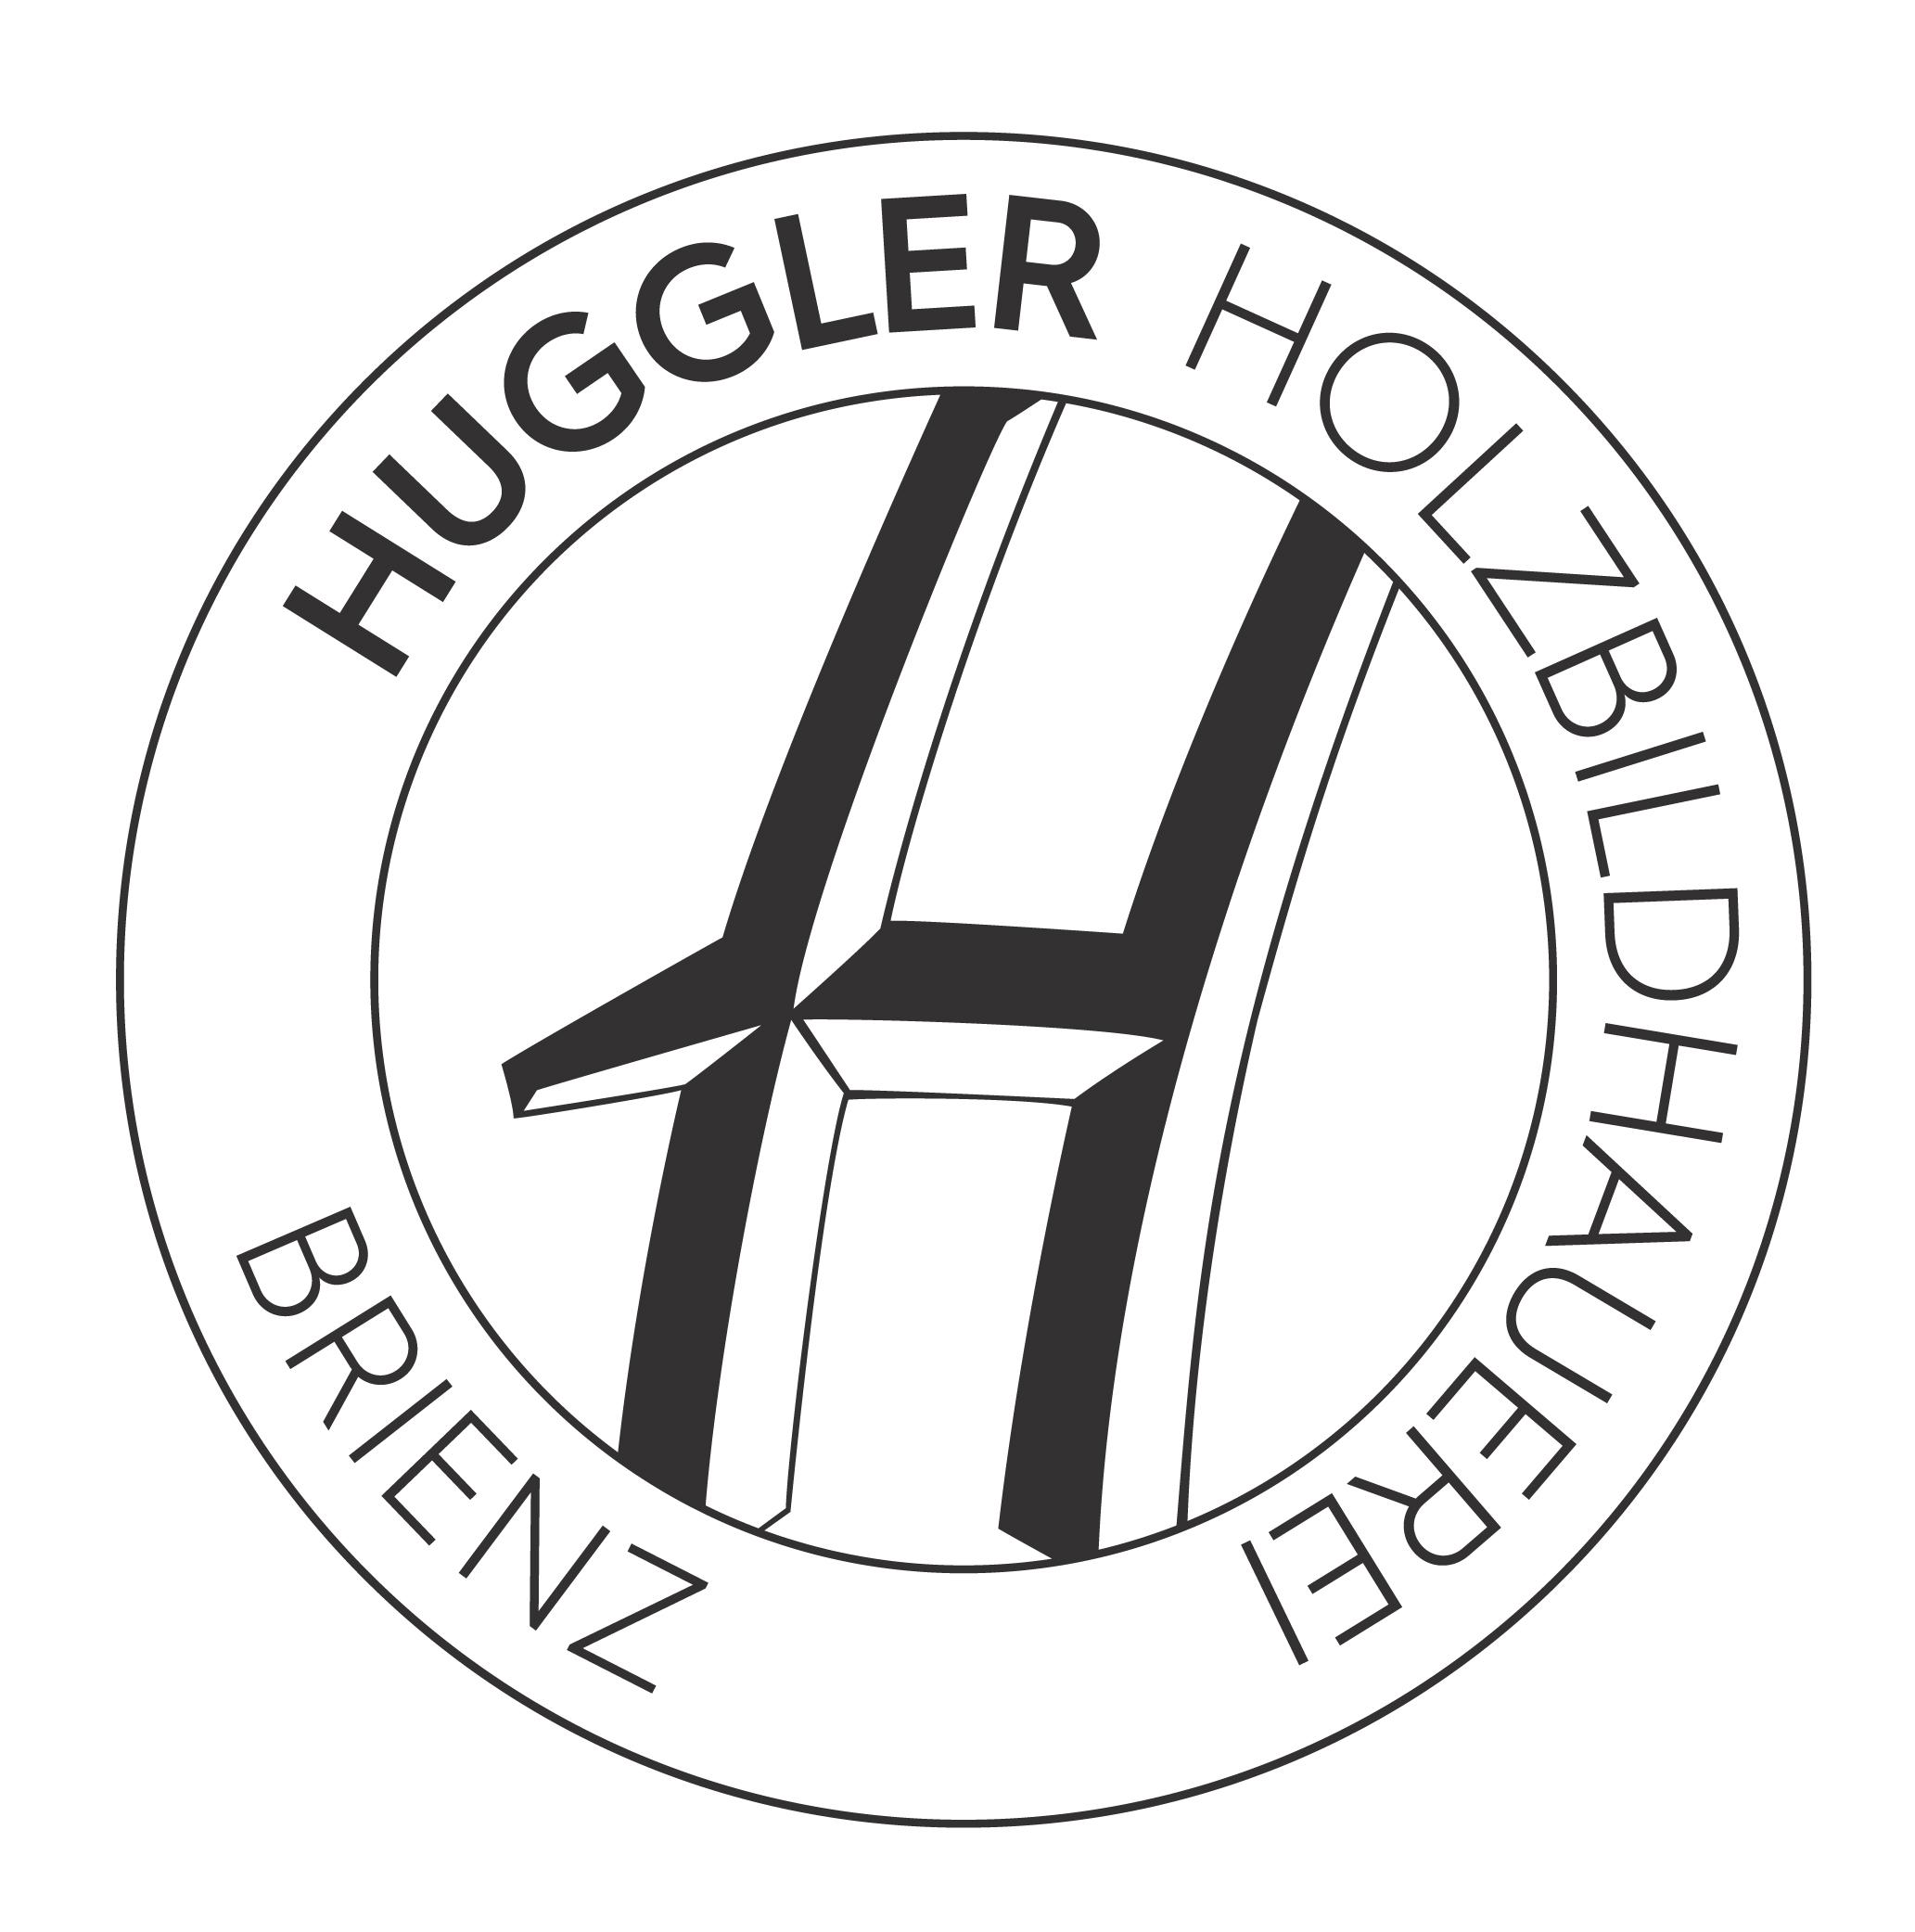 Huggler Holzbildhauerei